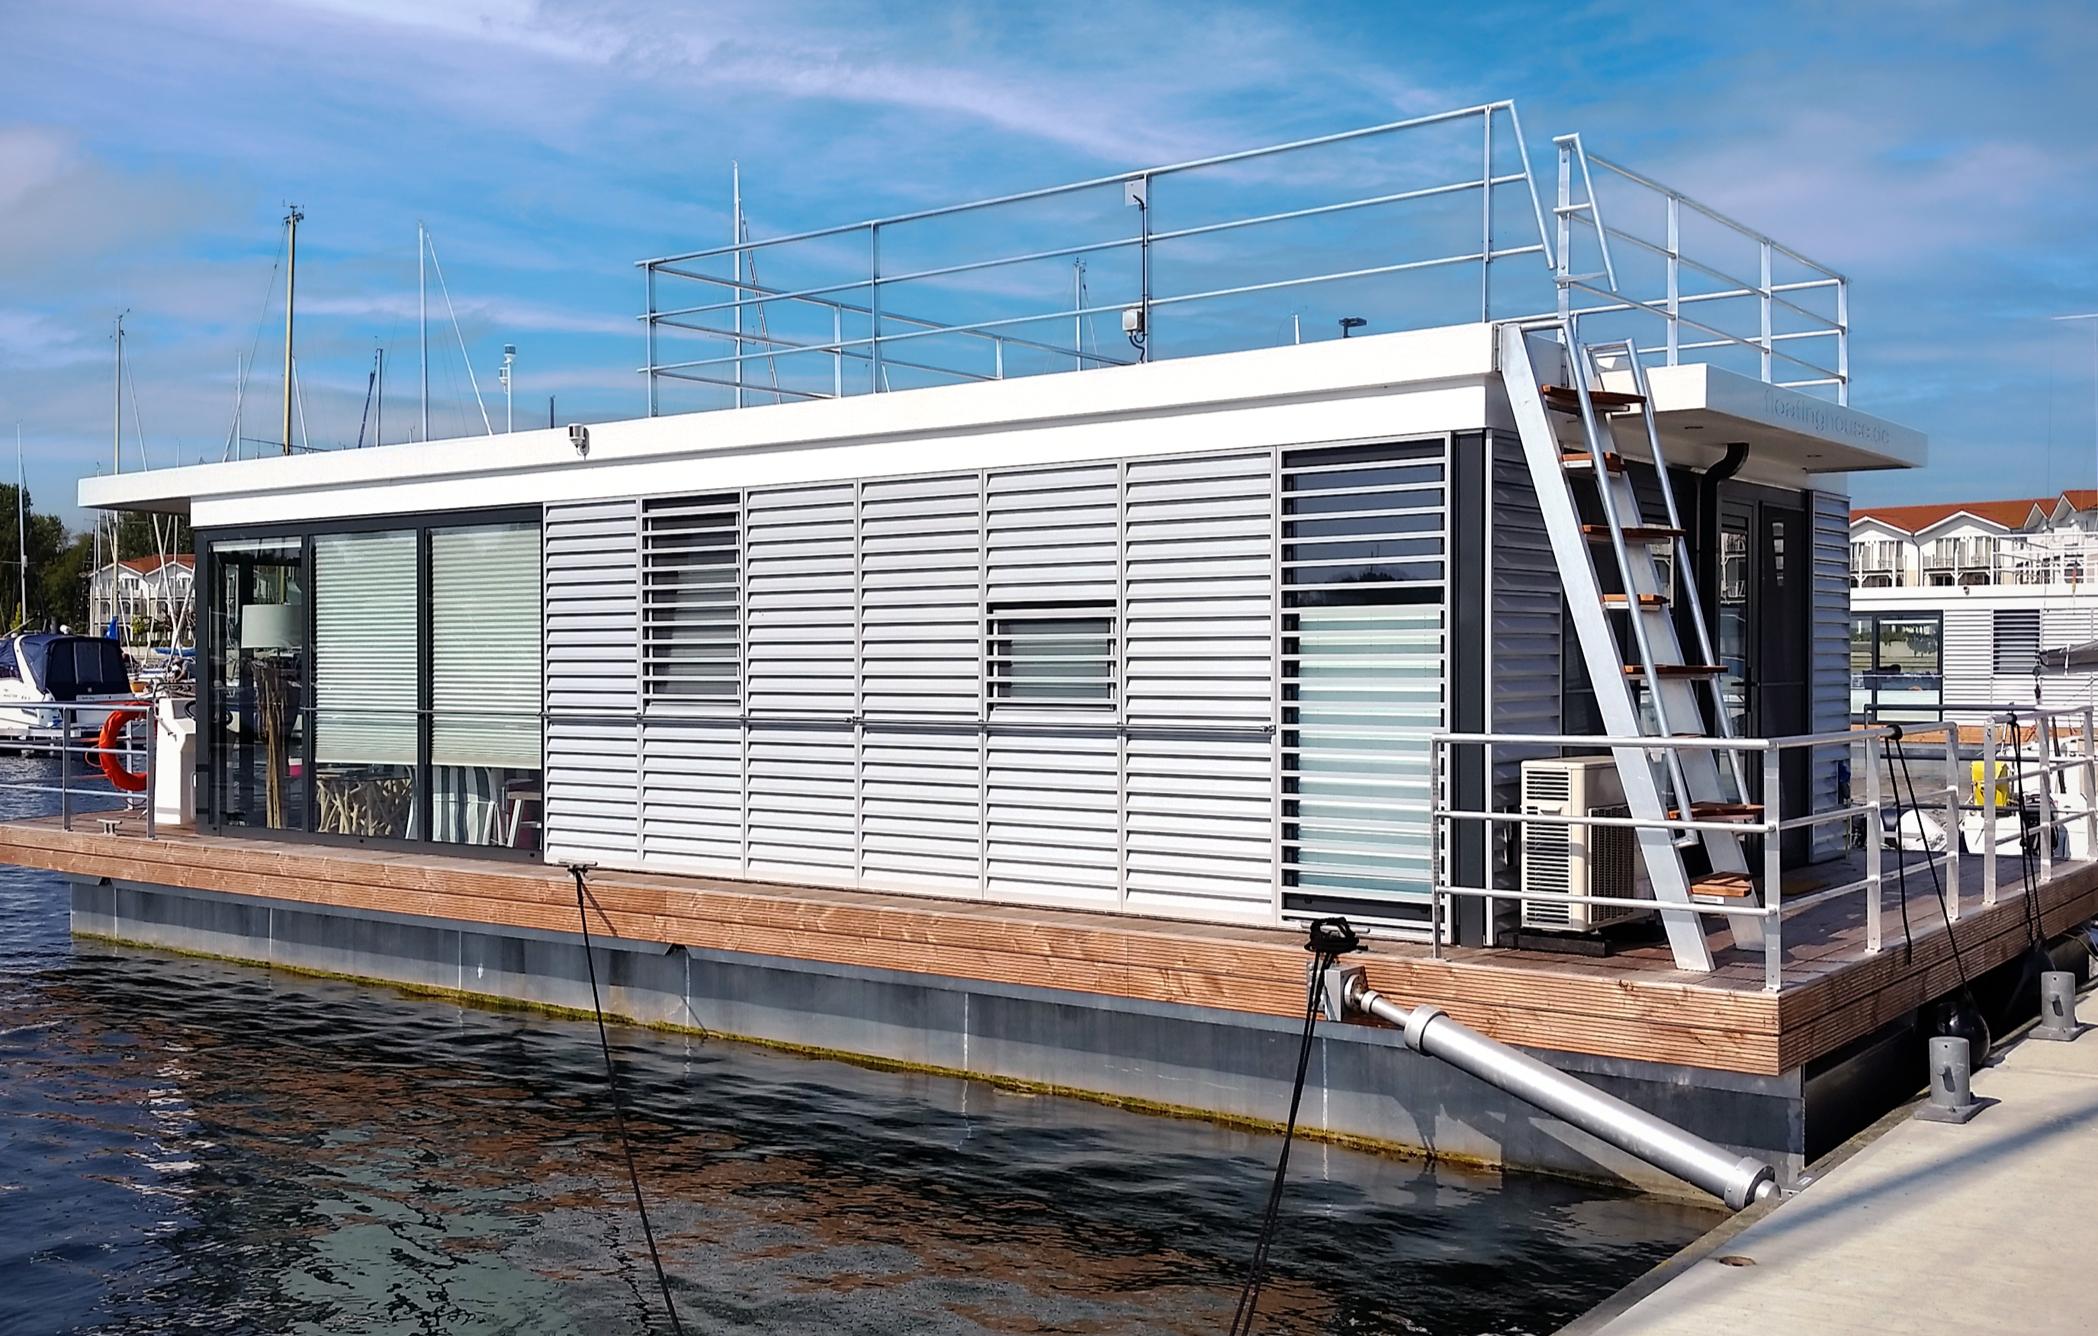 hausboot-uebernachtung-ostseebad-boltenhagen-bg1